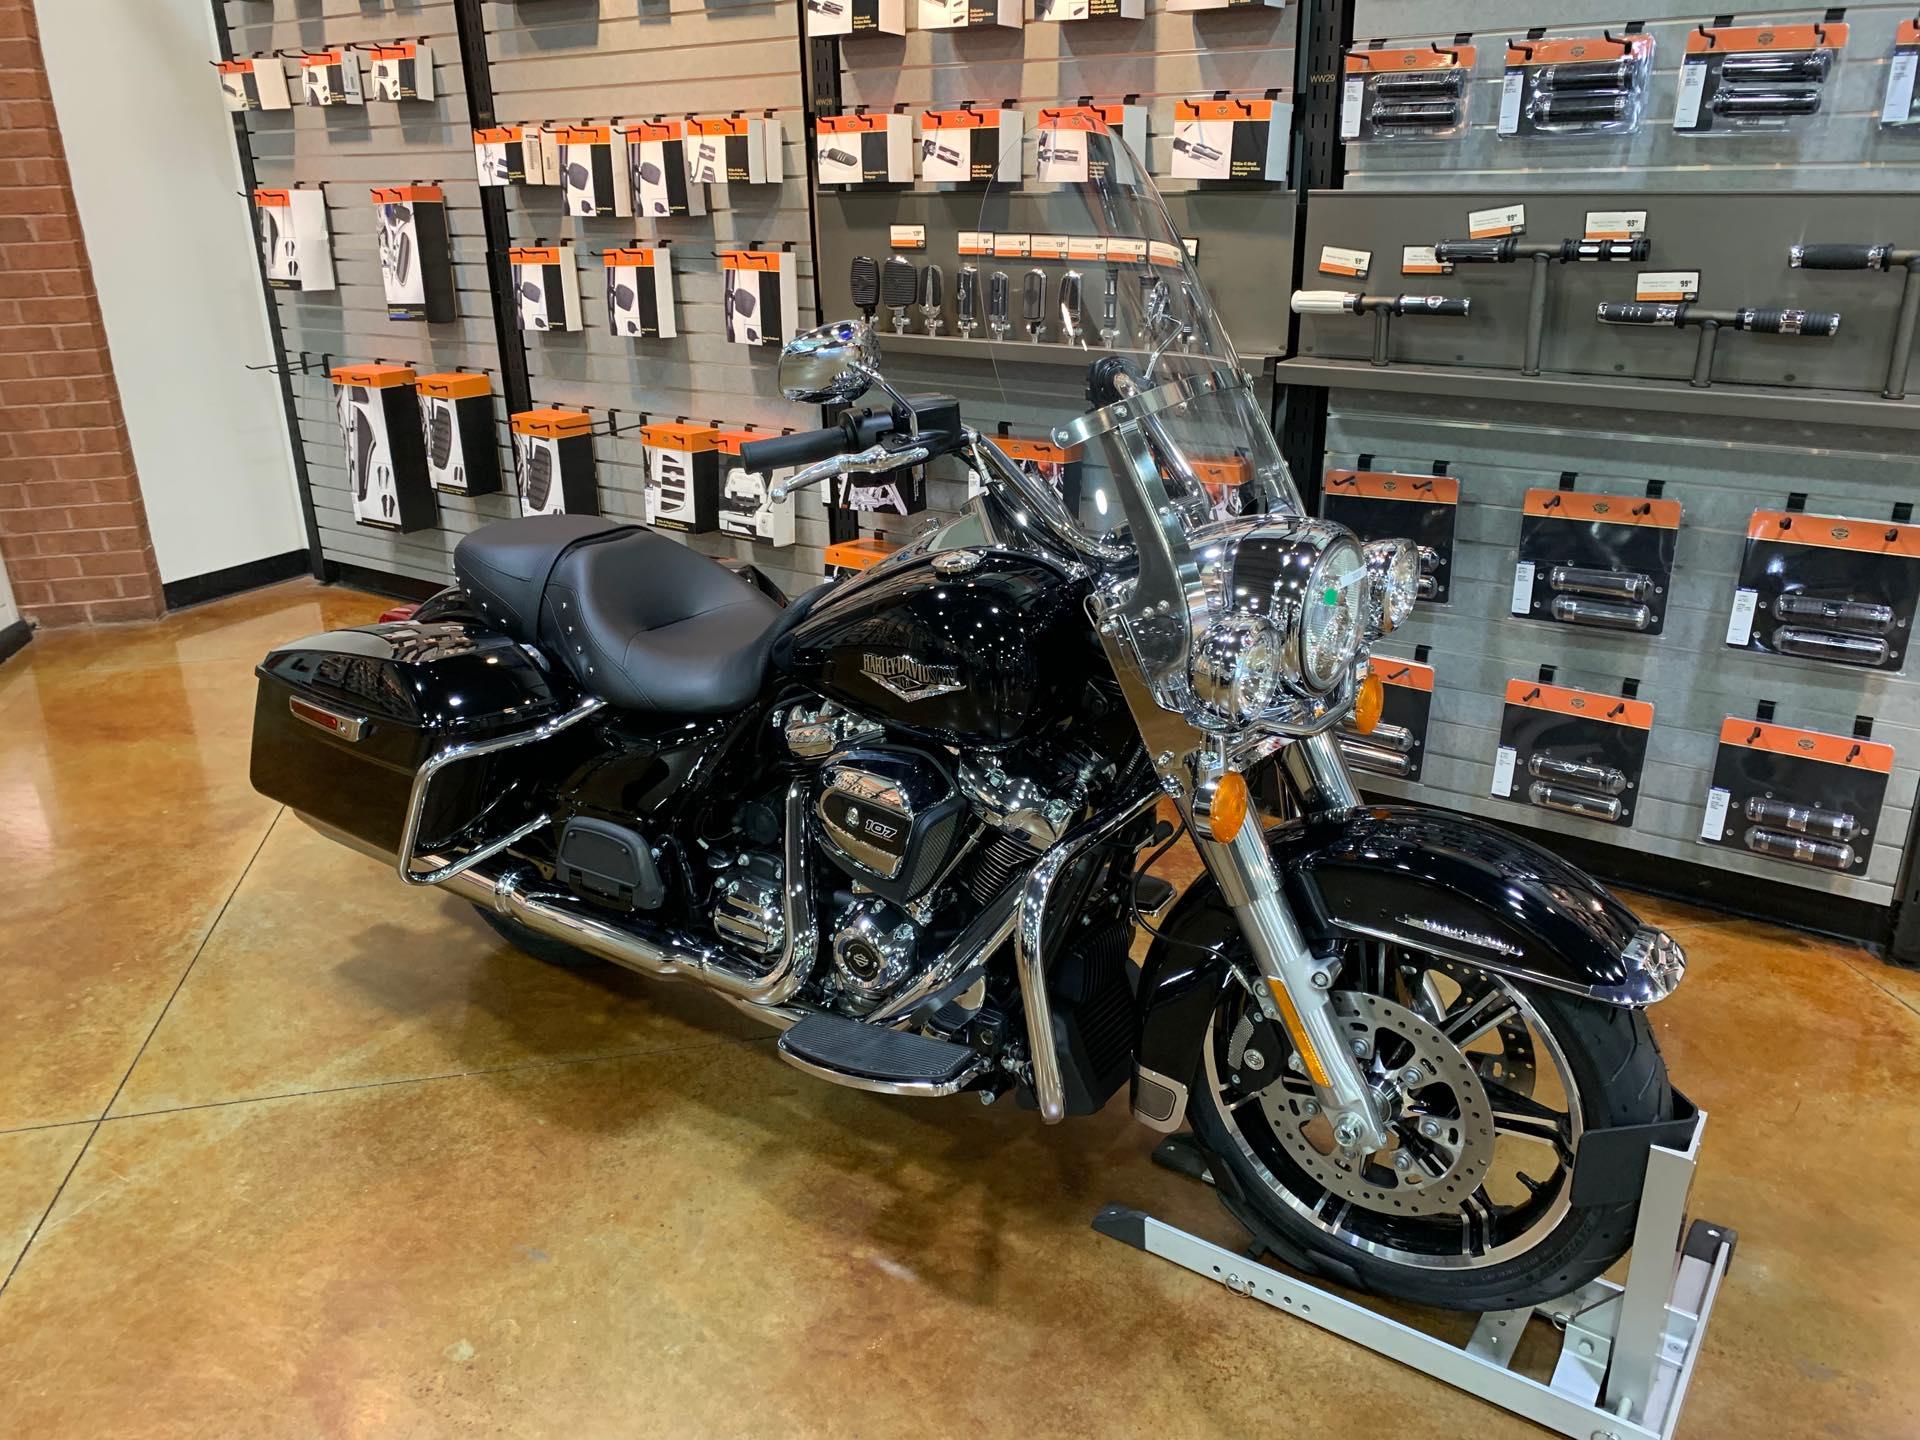 2021 Harley-Davidson Touring Road King at Colonial Harley-Davidson